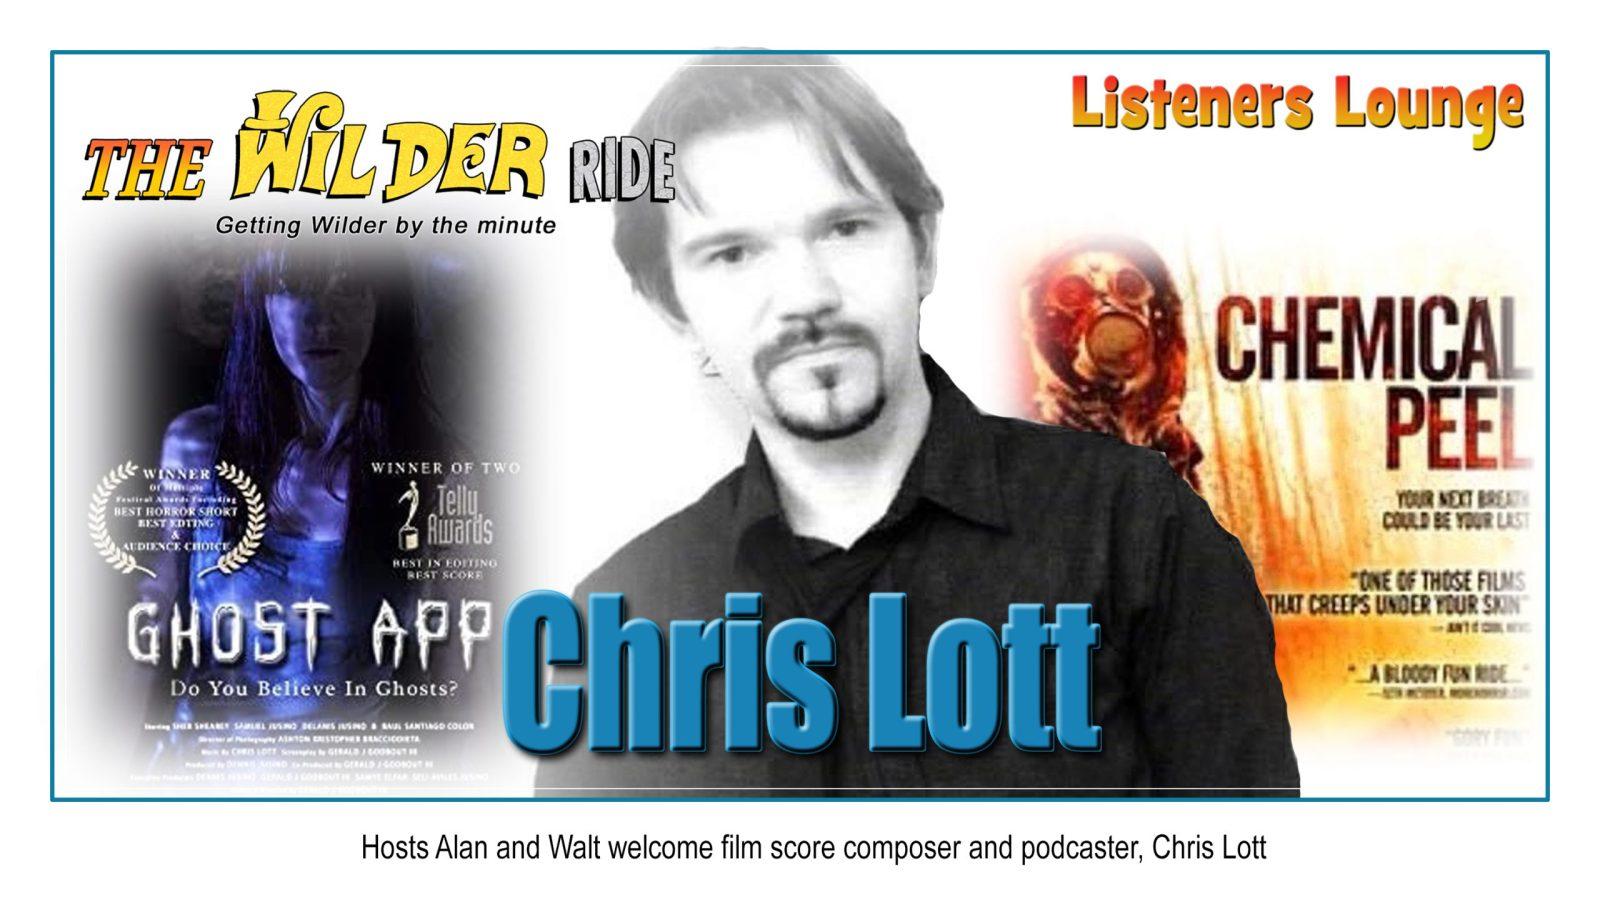 Chris Lott